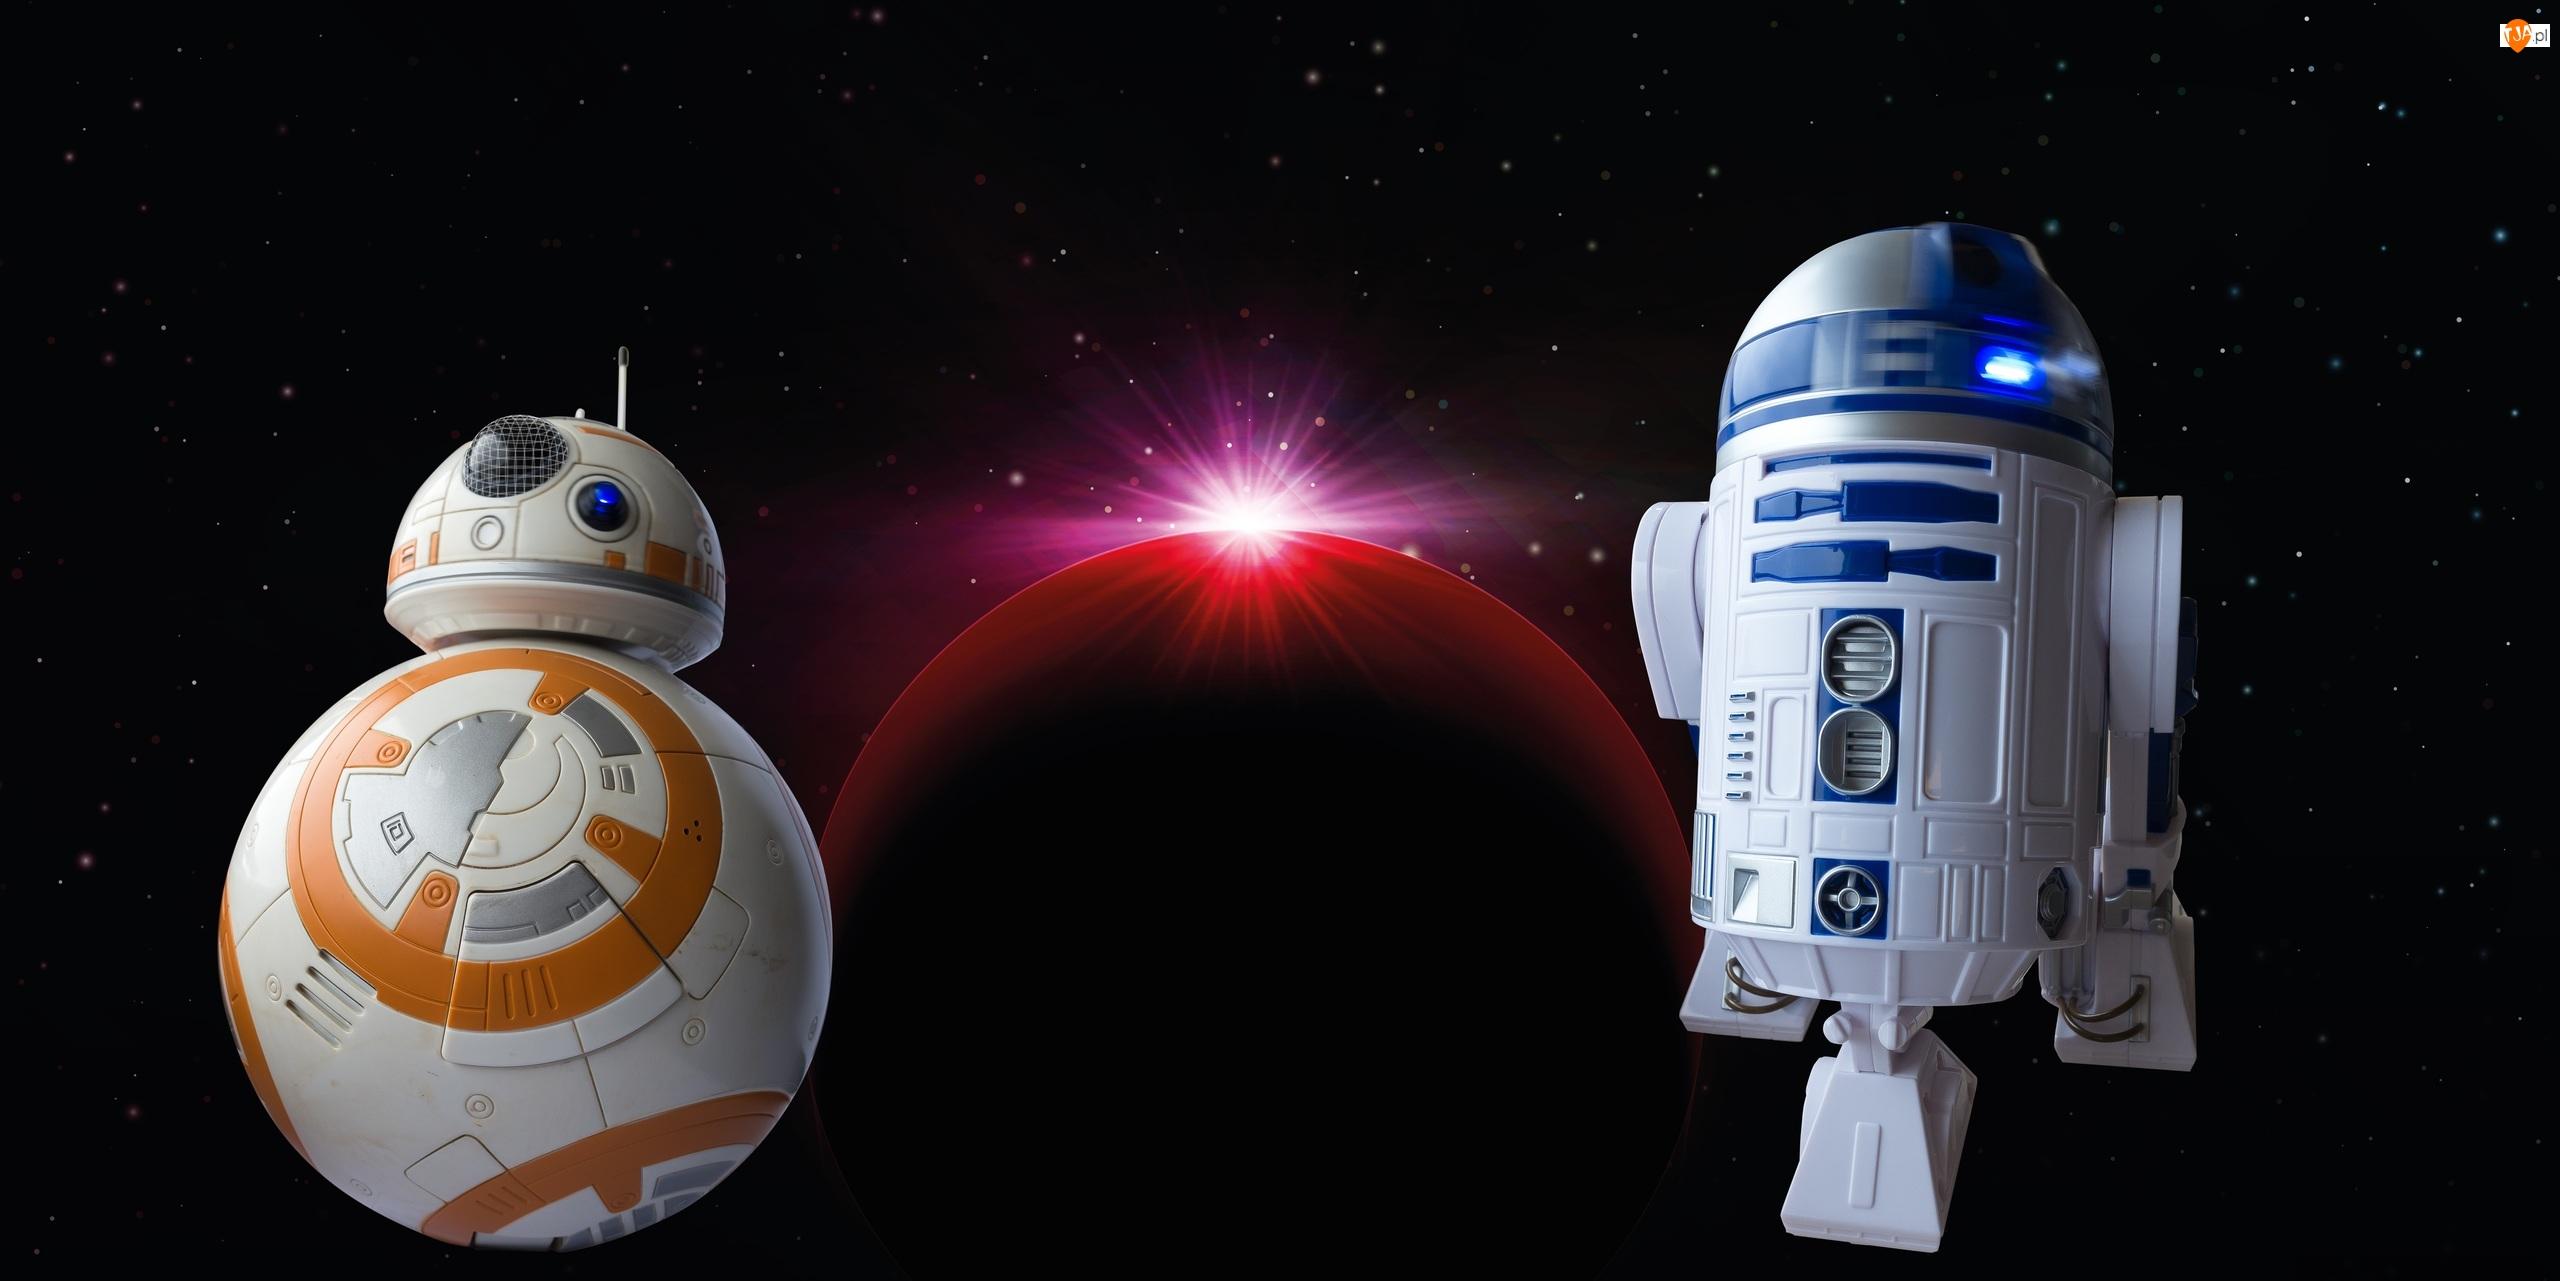 BB-8, Film, Roboty, Planeta, Gwiezdne wojny, R2-D2, Gwiazdy, Star Wars